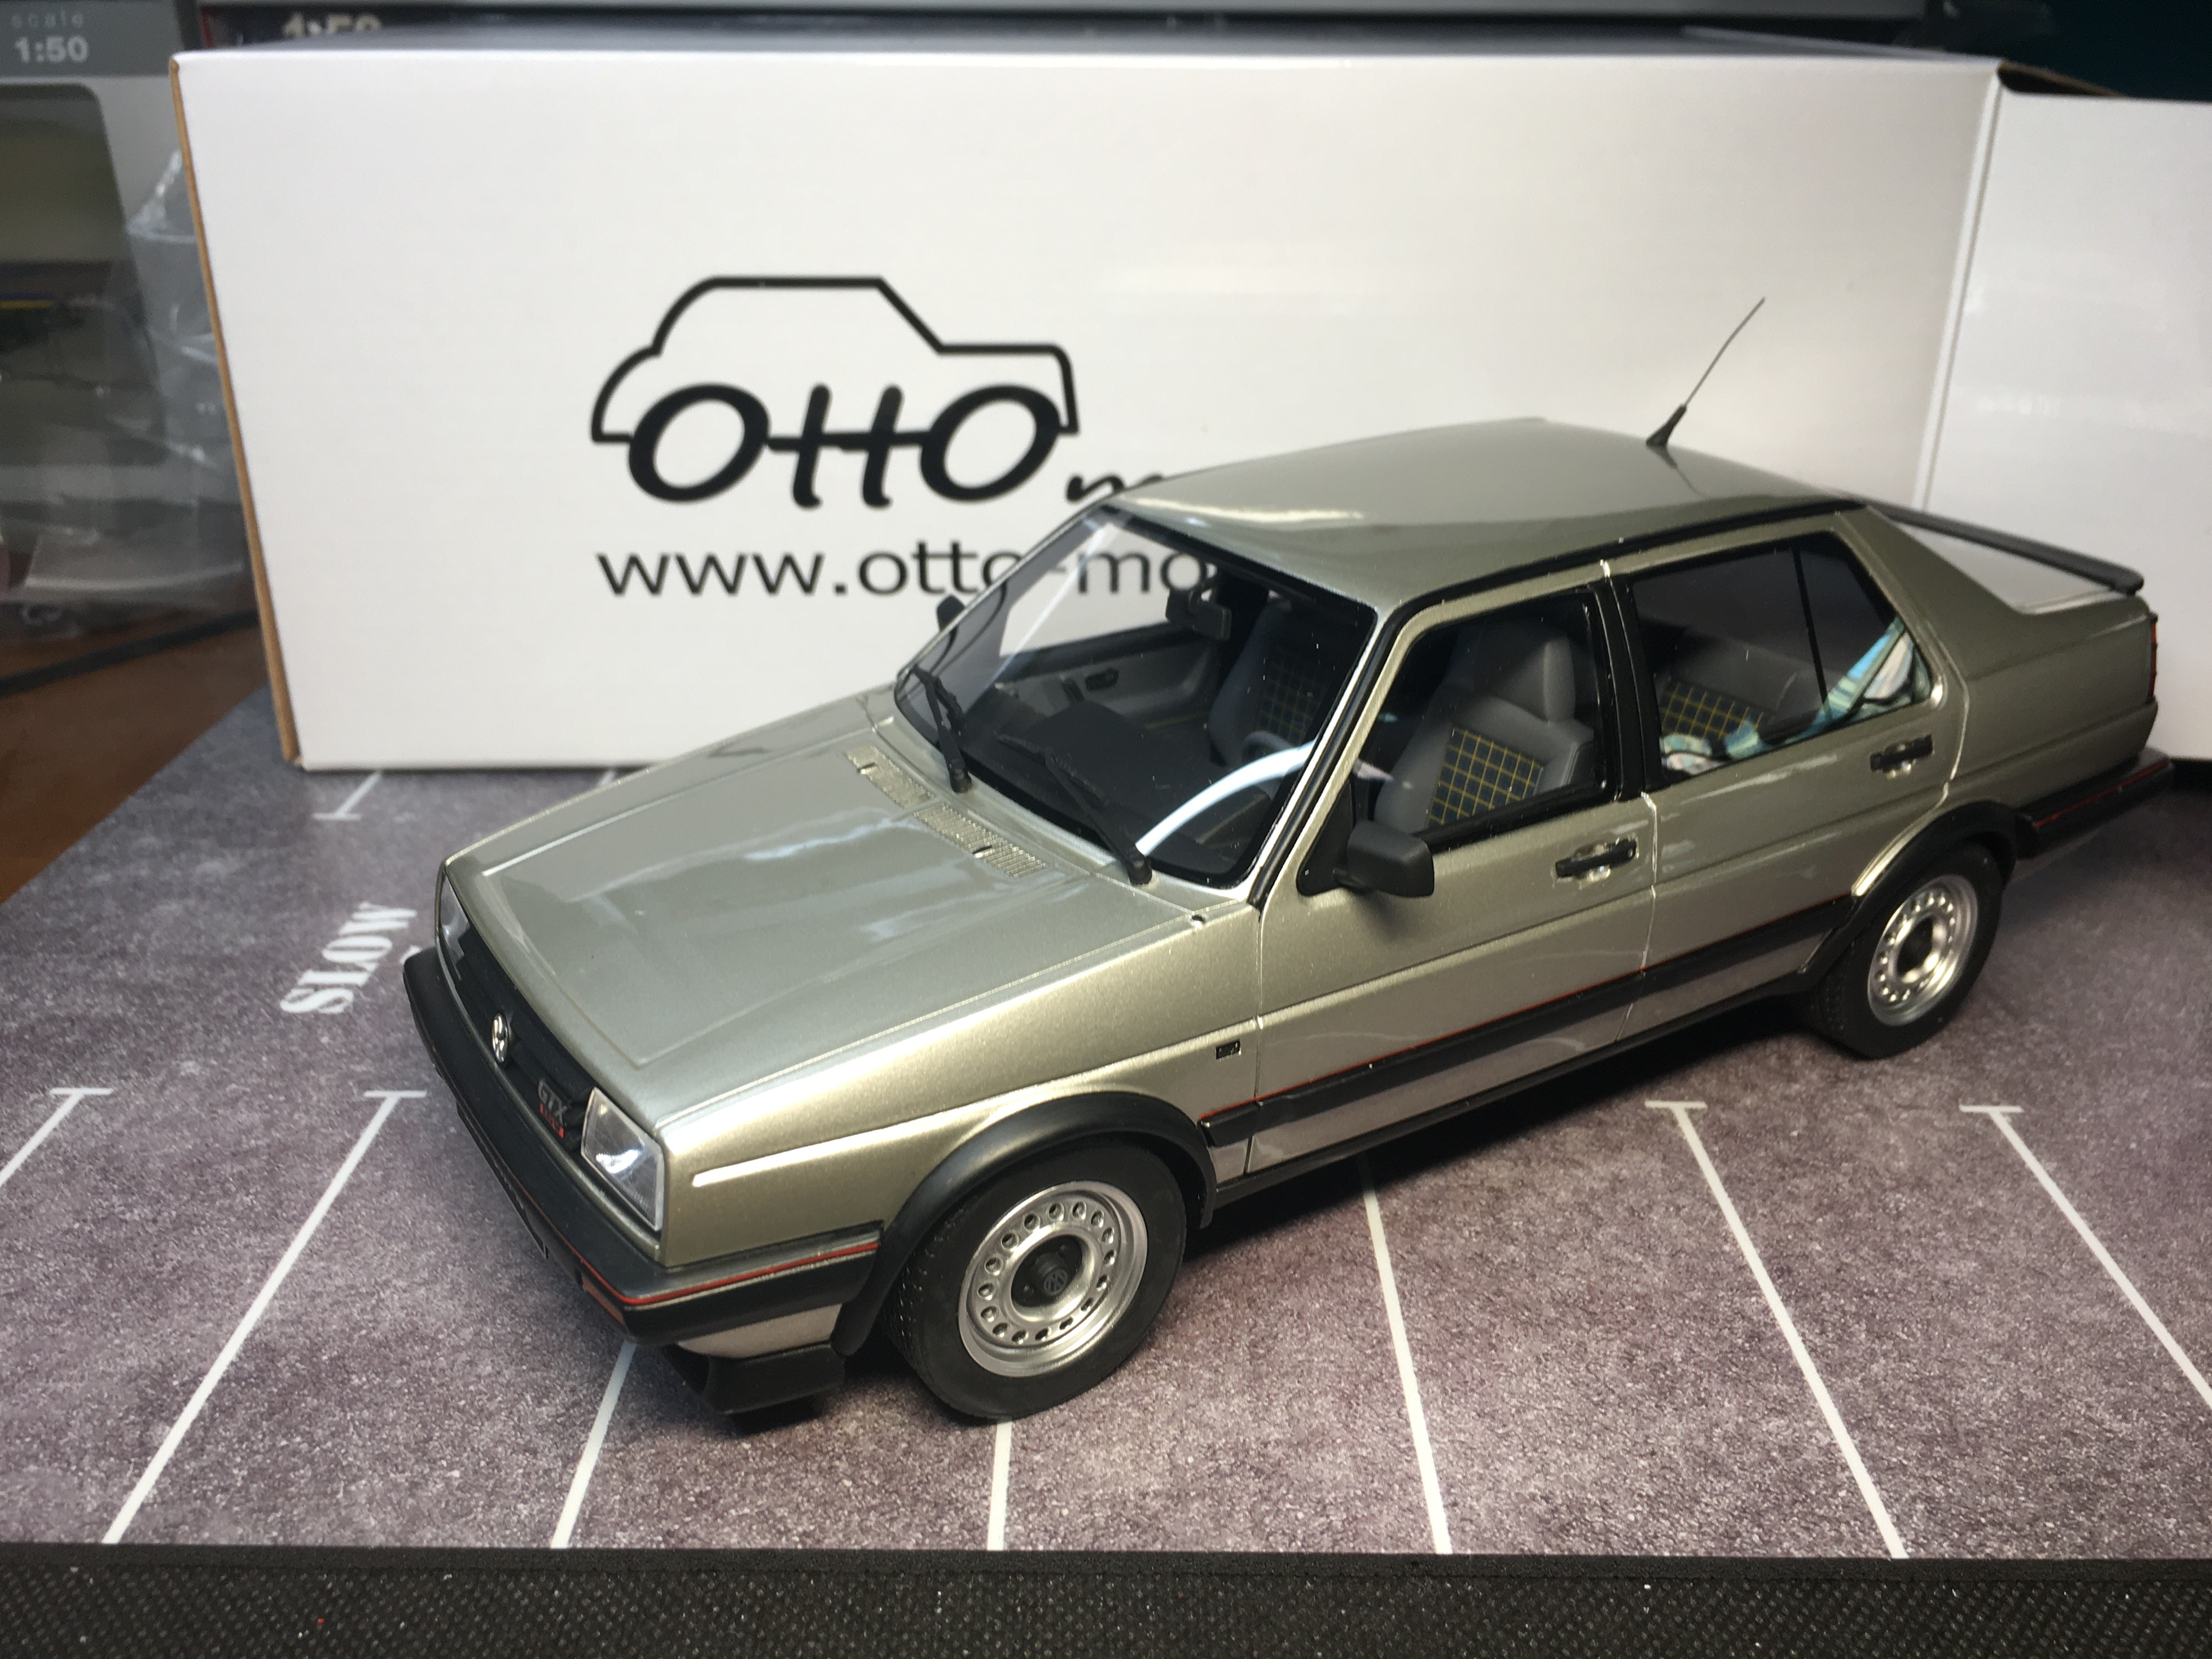 أوتو 1/18 جيتا MkII 1987 نموذج الراتنج مجموعة السيارات المحدودة